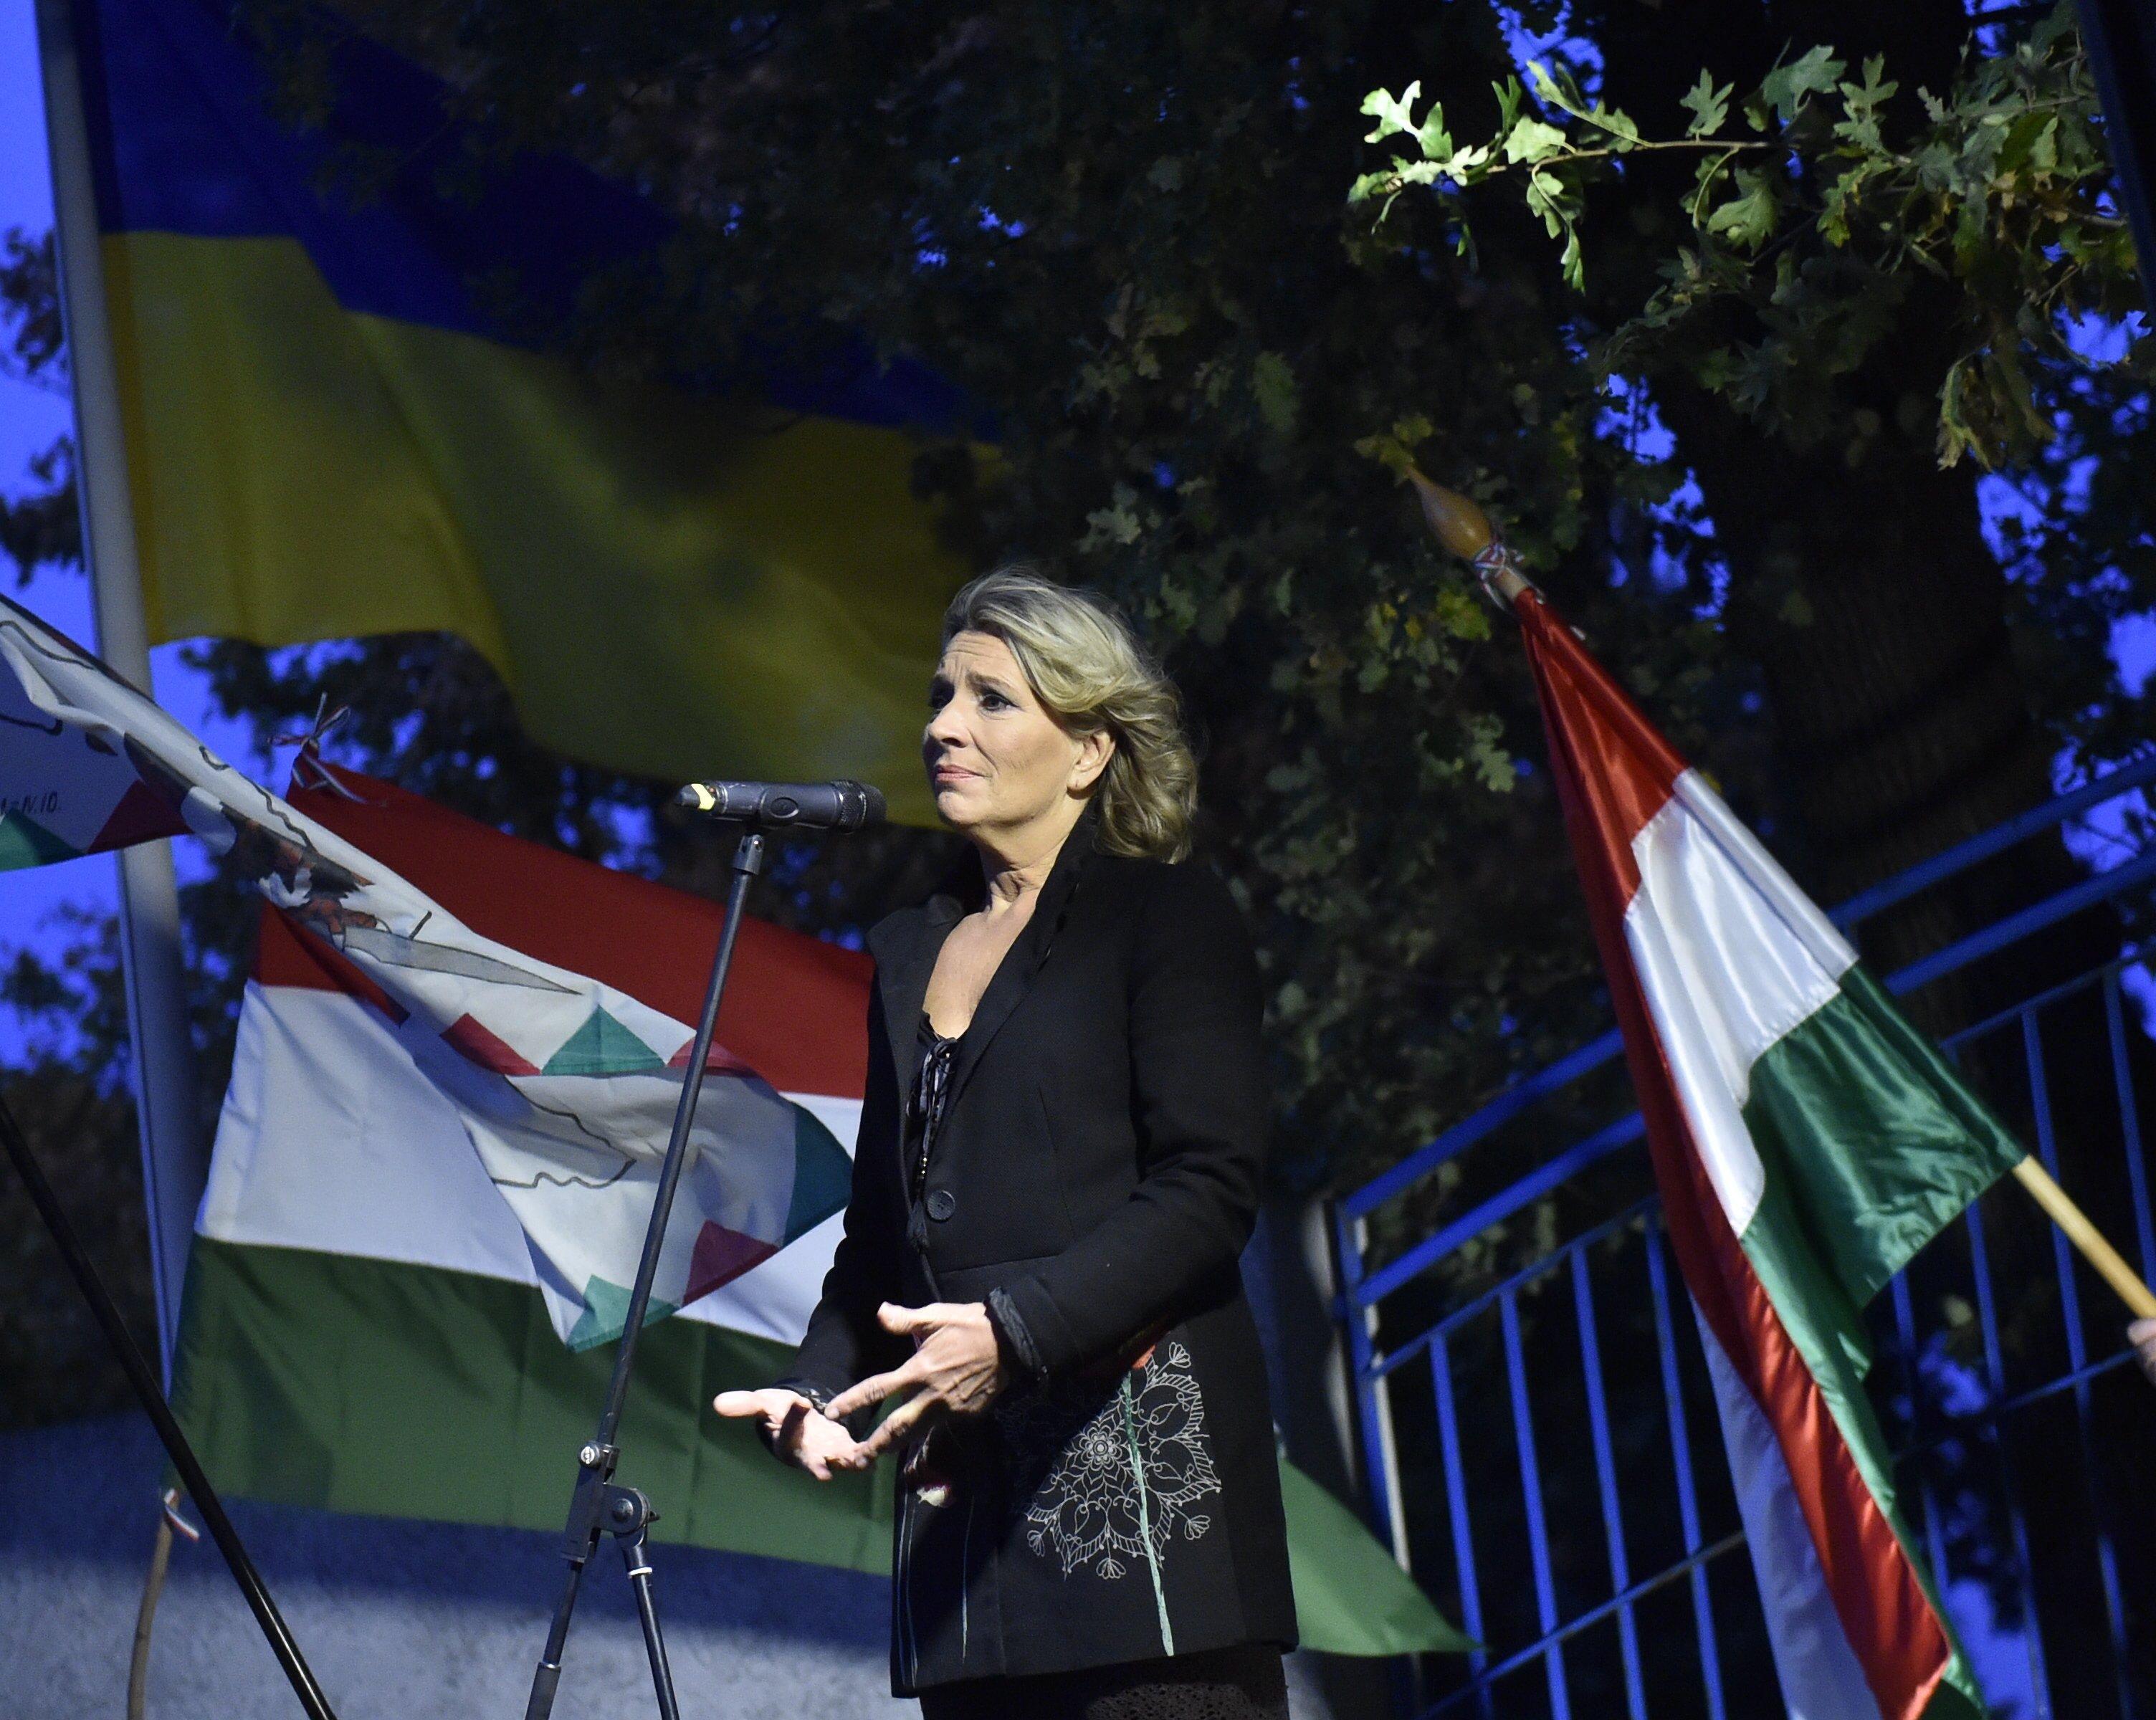 Ha nem csal a szemünk, Morvai Krisztina hűségesküt tett a Fidesznek, Bayer Zsolt pedig meleg szavakkal fogadta be a NER-be